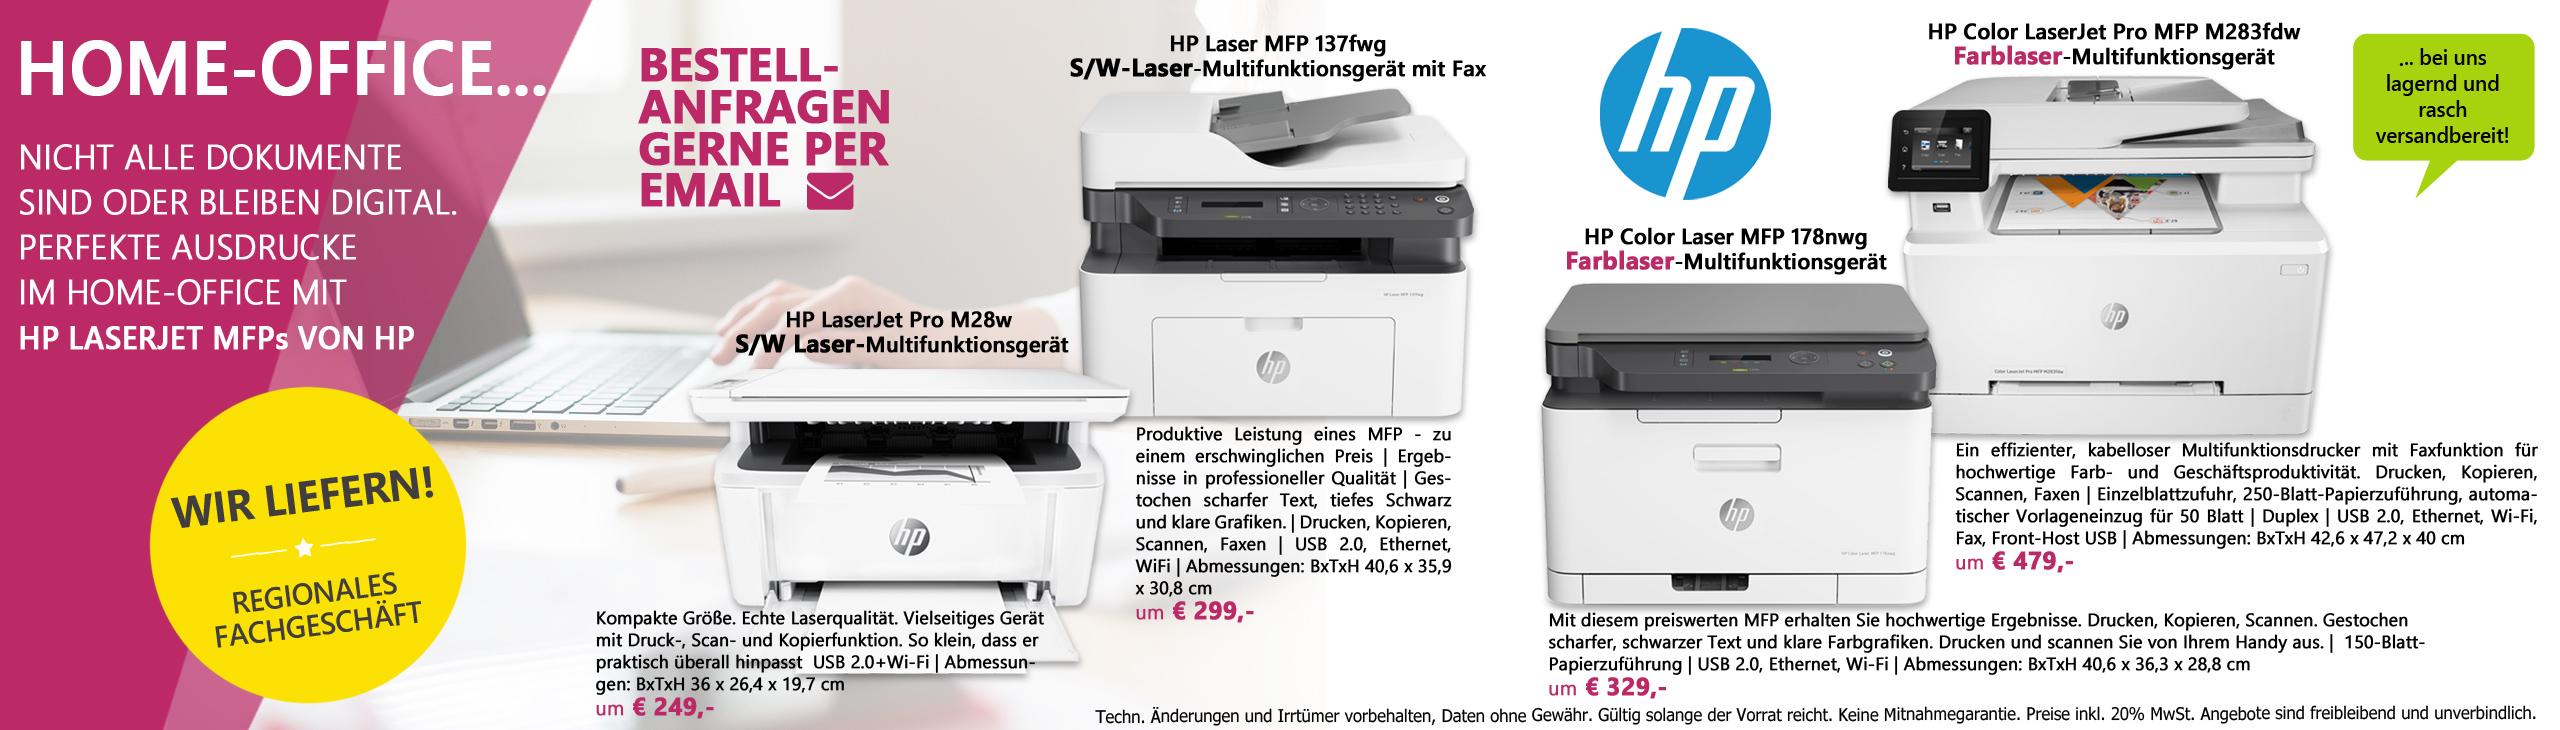 Banner homeoffice verschiedene hp laserdrucker